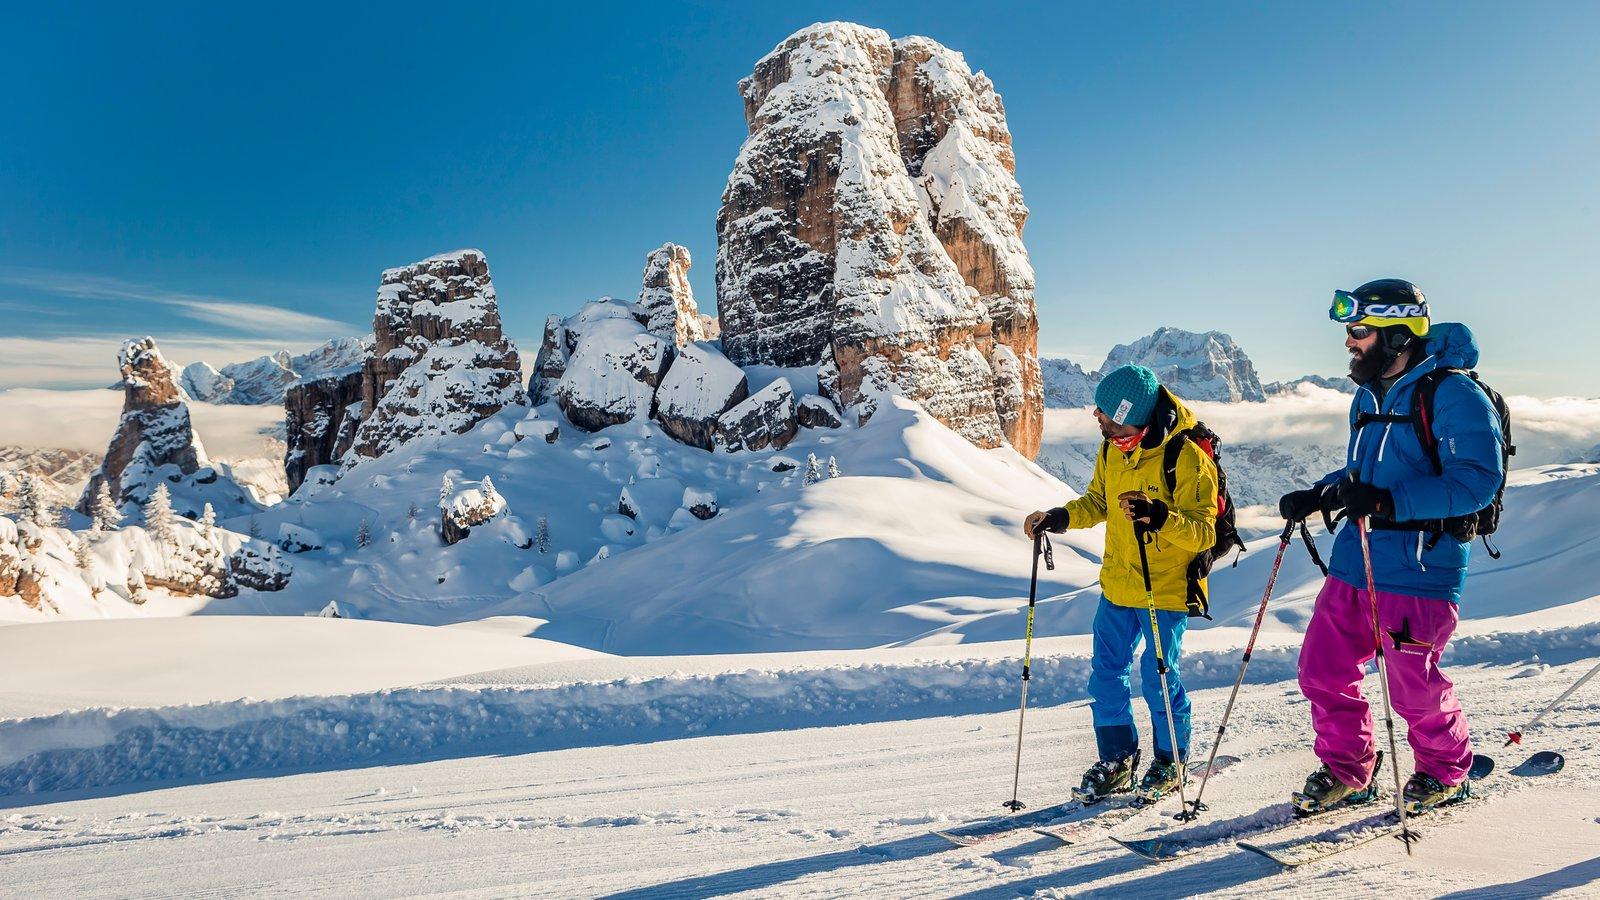 Cortina d\'Ampezzo Ski Resort que inclui montanhas, esqui na neve e neve